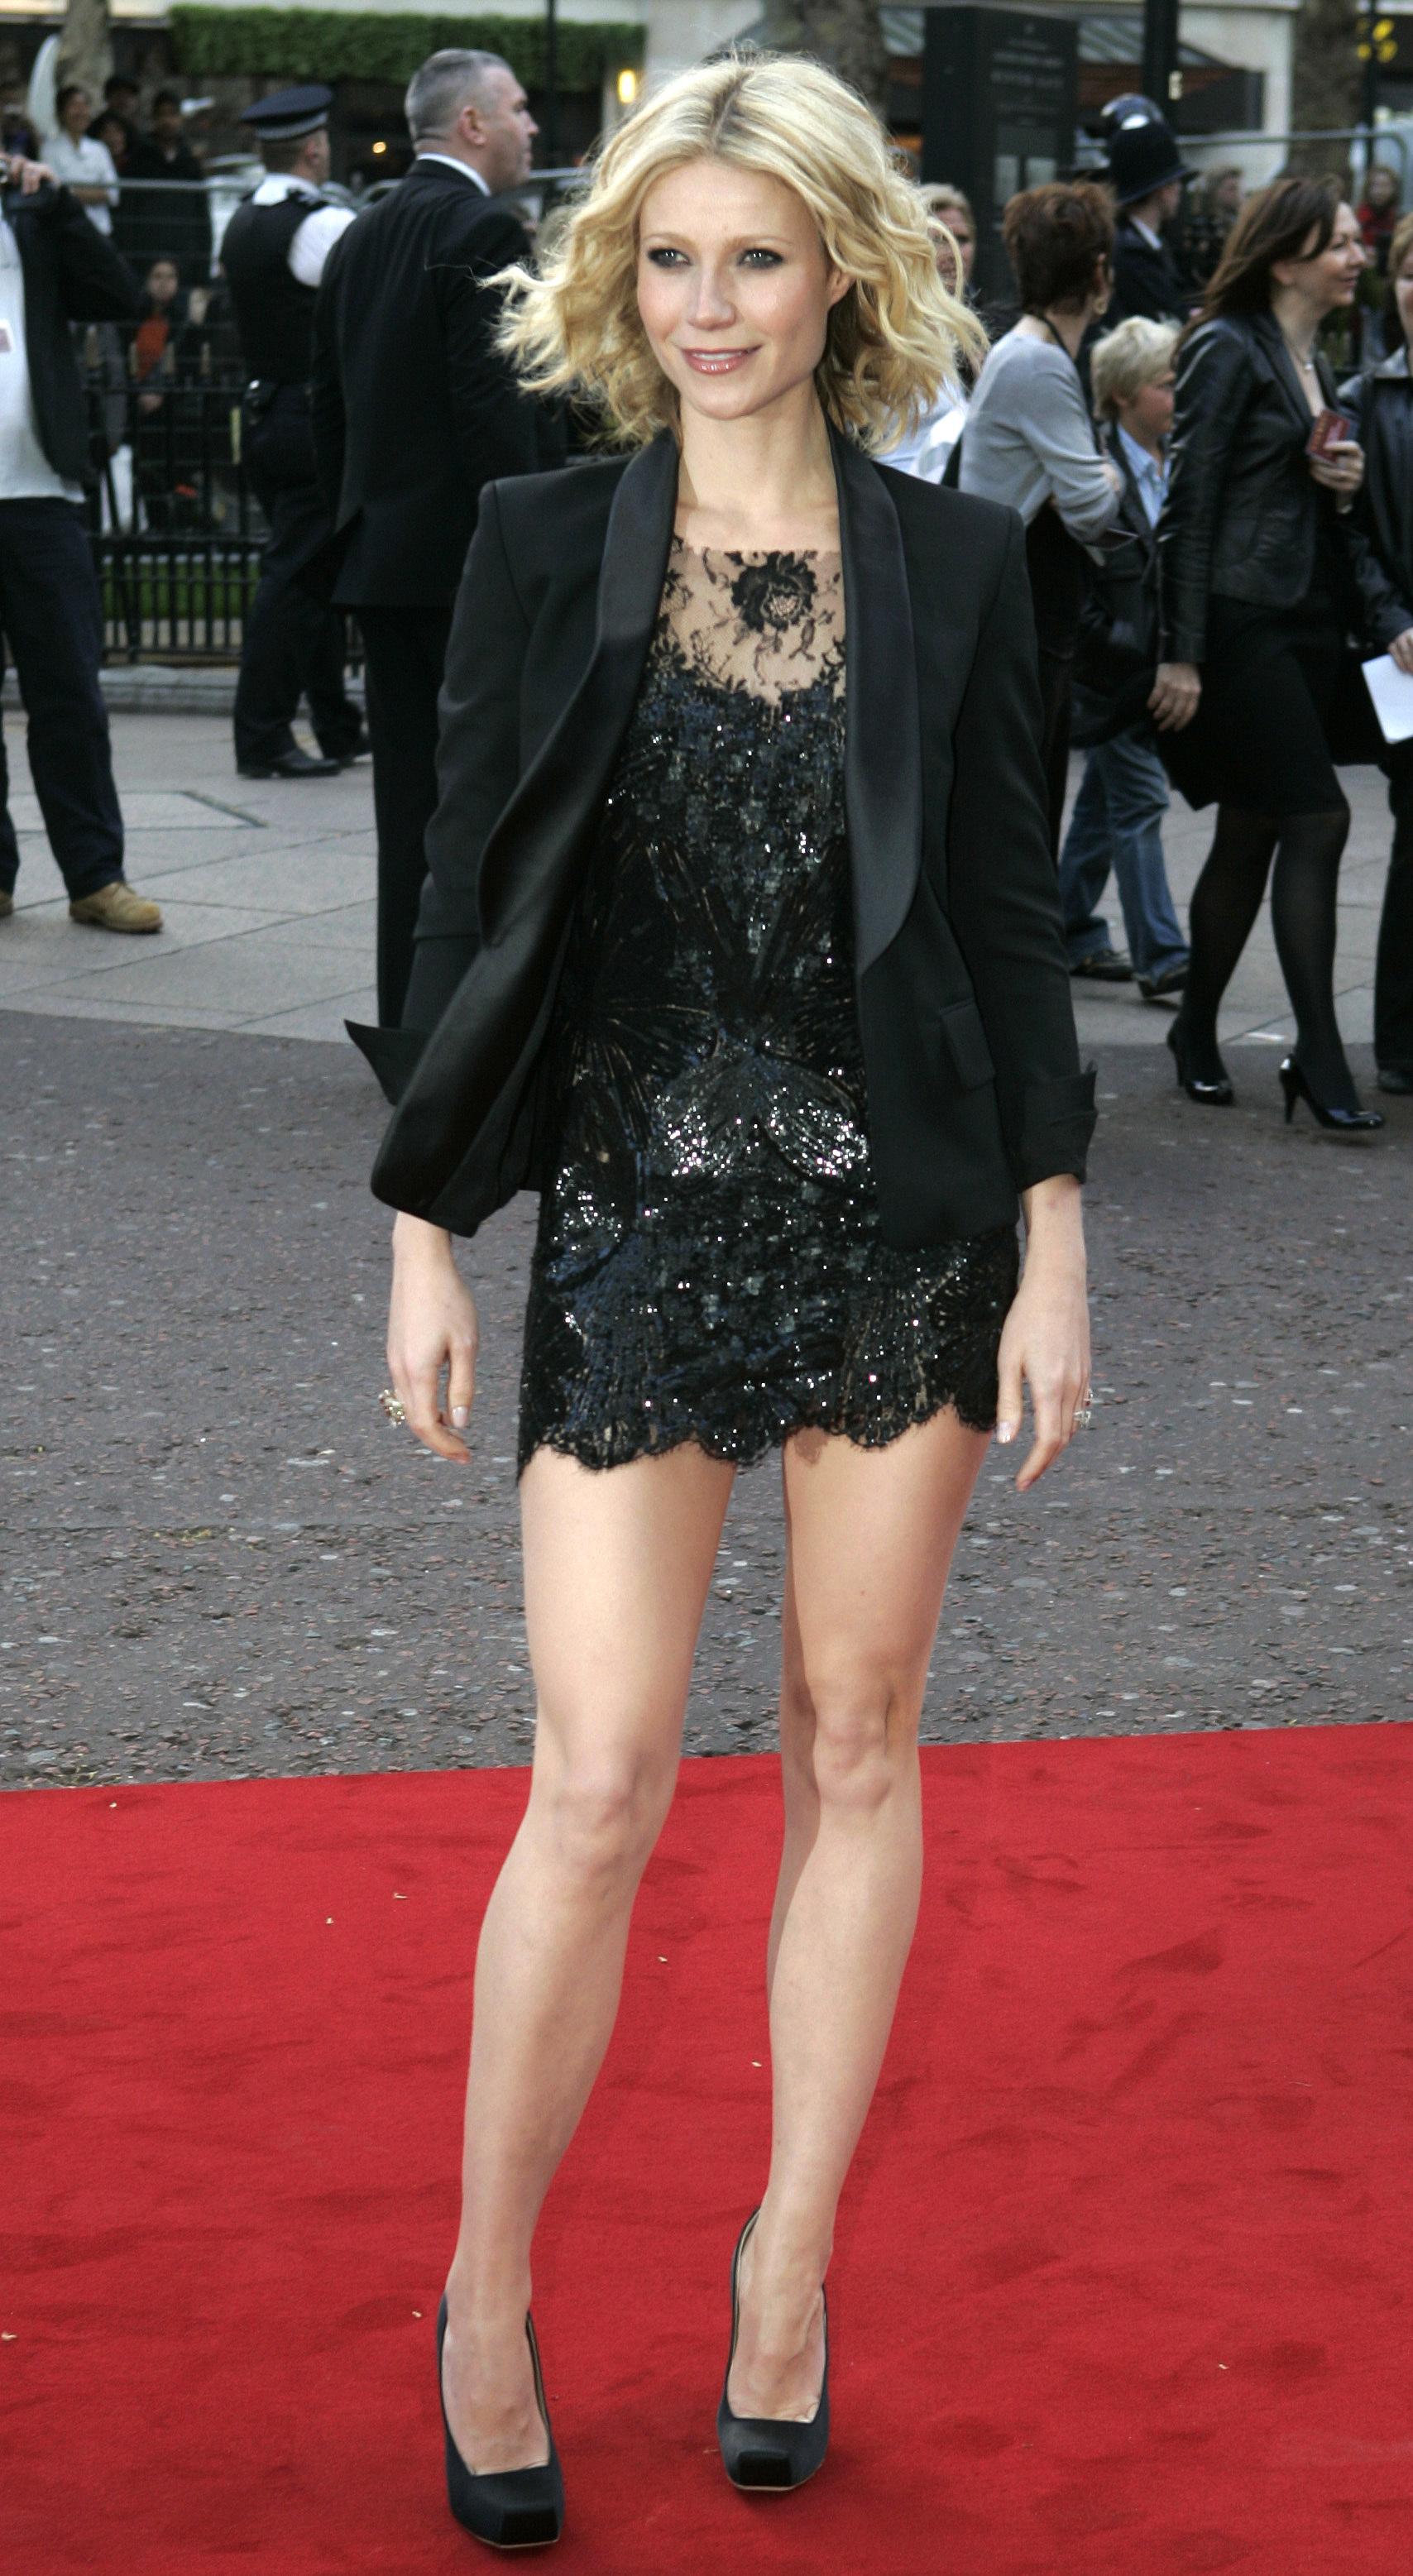 Gwyneth Paltrow Iron Man British premiere